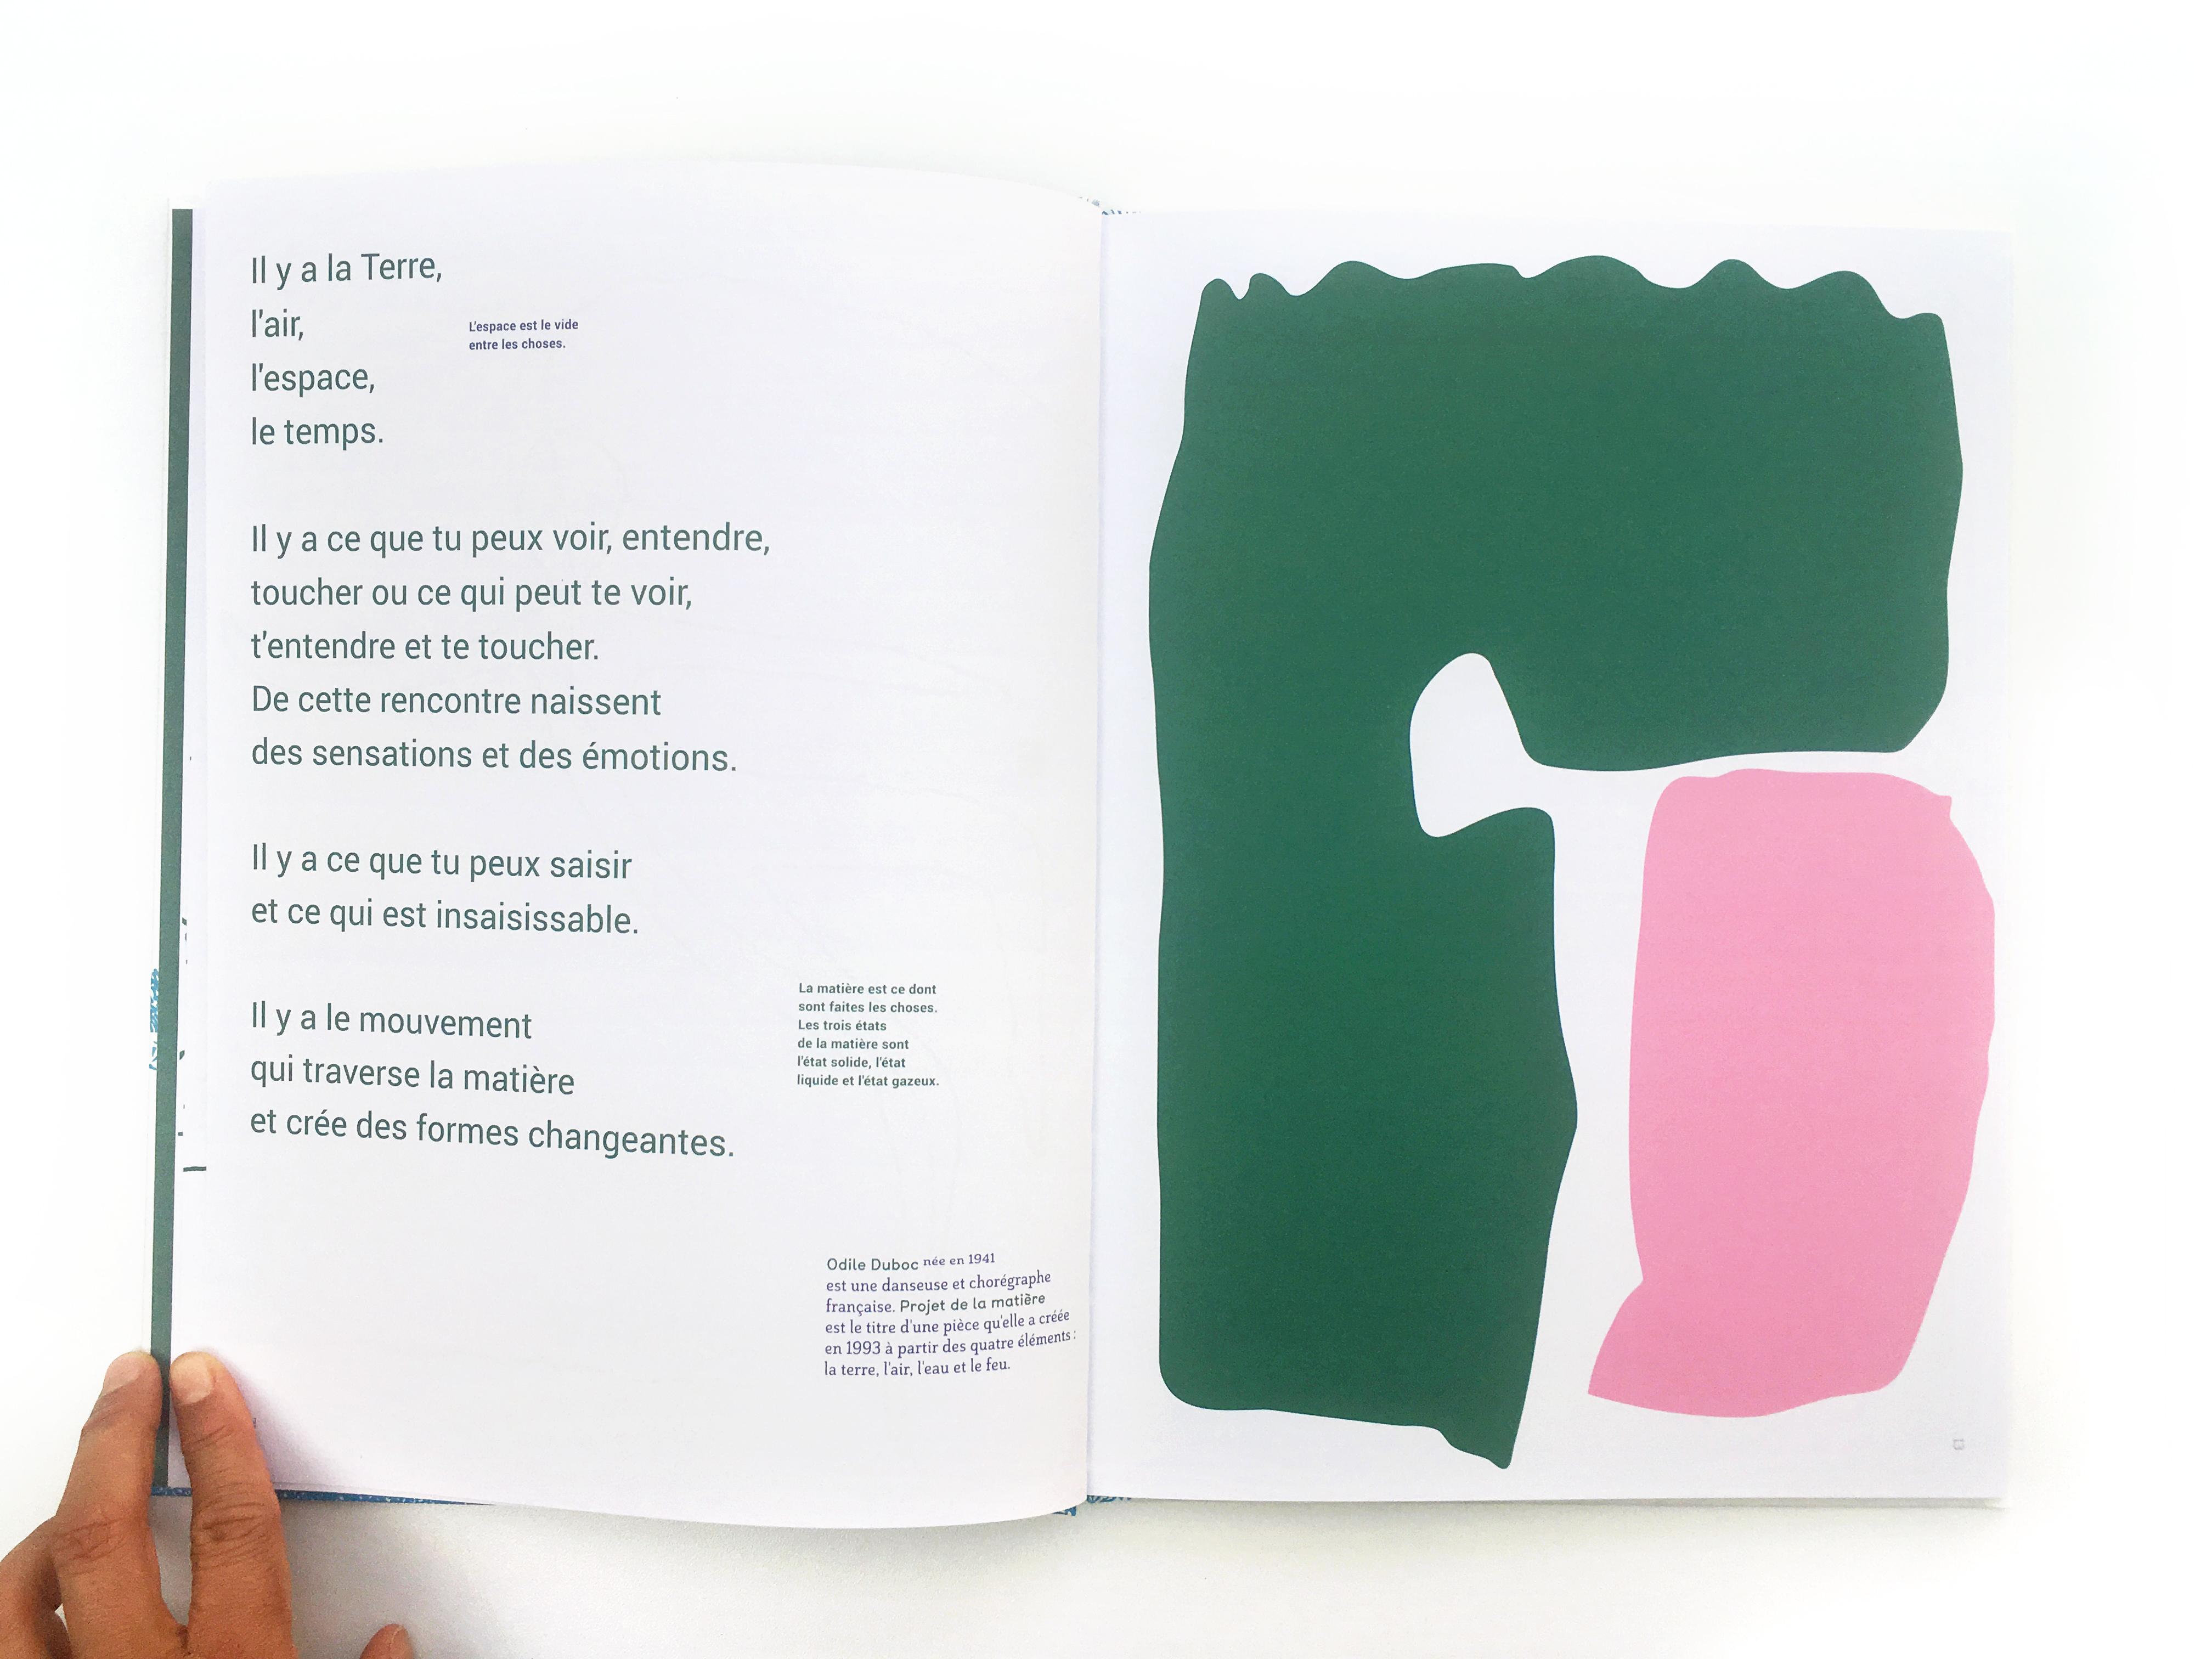 Dsaa Design Produit Toulouse bientÔt 3000 – bianca millon-devigne, formes graphiques et